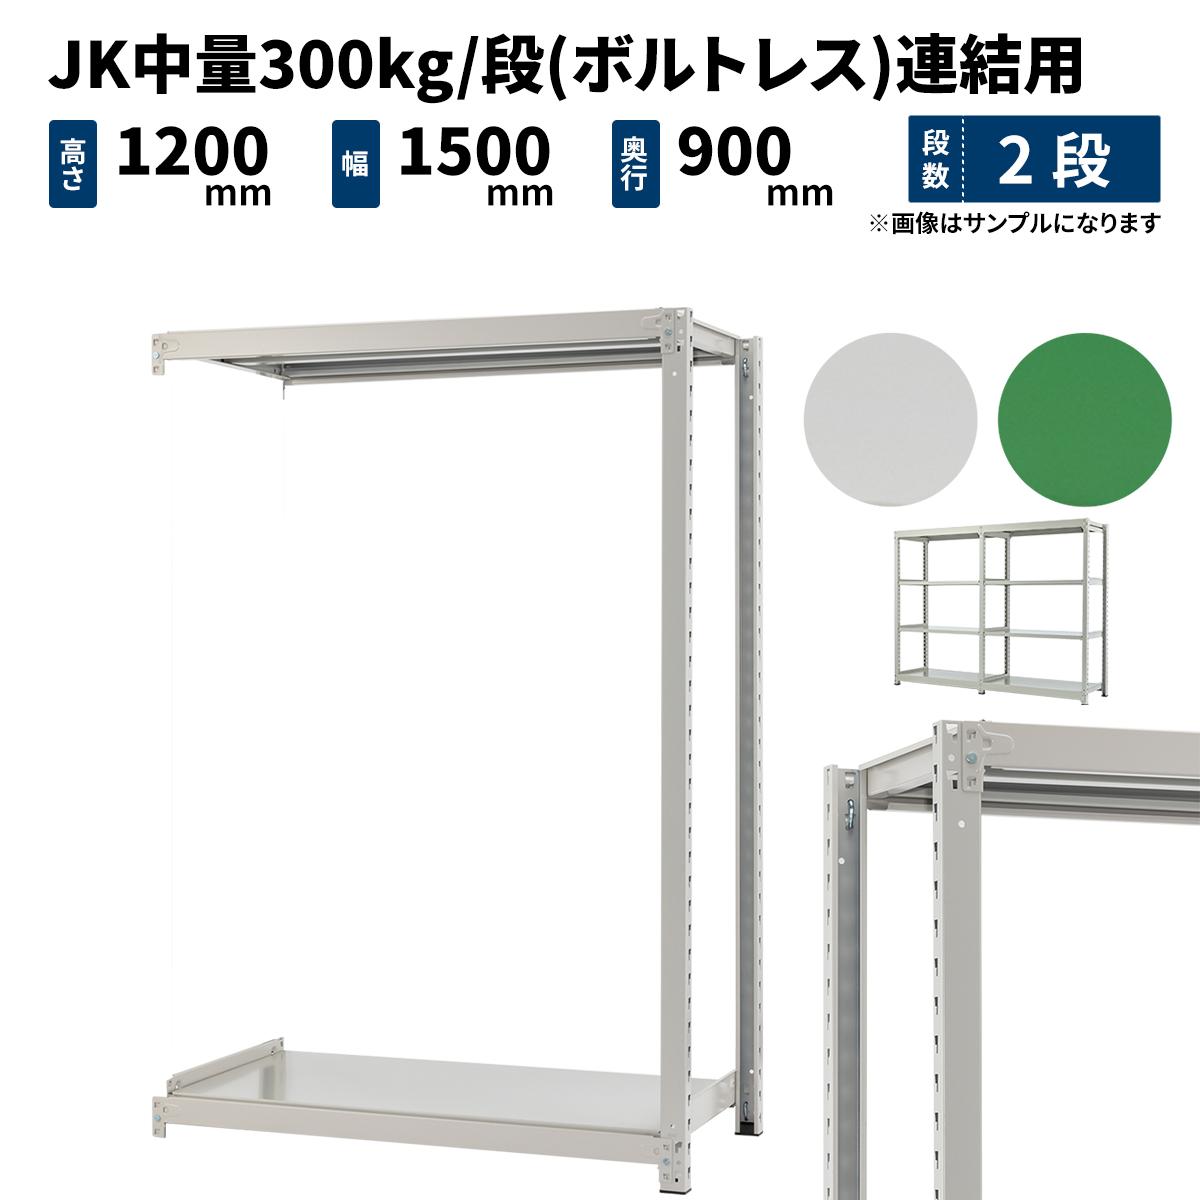 スチールラック 業務用 JK中量300kg/段(ボルトレス) 連結形式 高さ1200×幅1500×奥行900mm 2段 ホワイトグレー/グリーン (51kg) JK300_R-121509-2